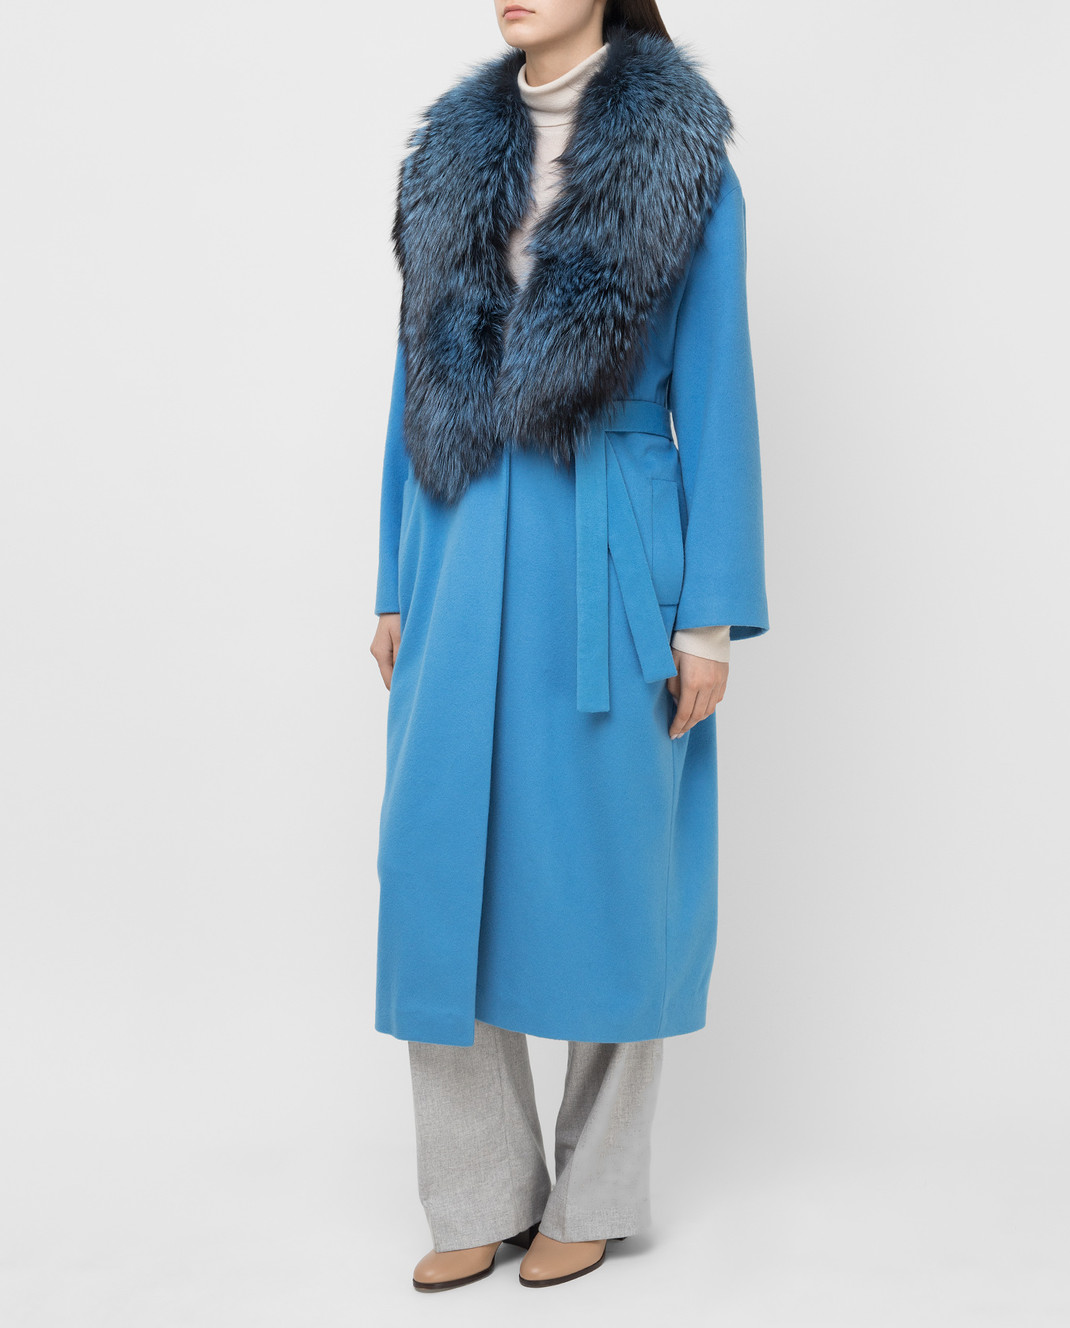 Via Cappella Голубое пальто из кашемира с мехом лисы C171418CASHMIR изображение 3